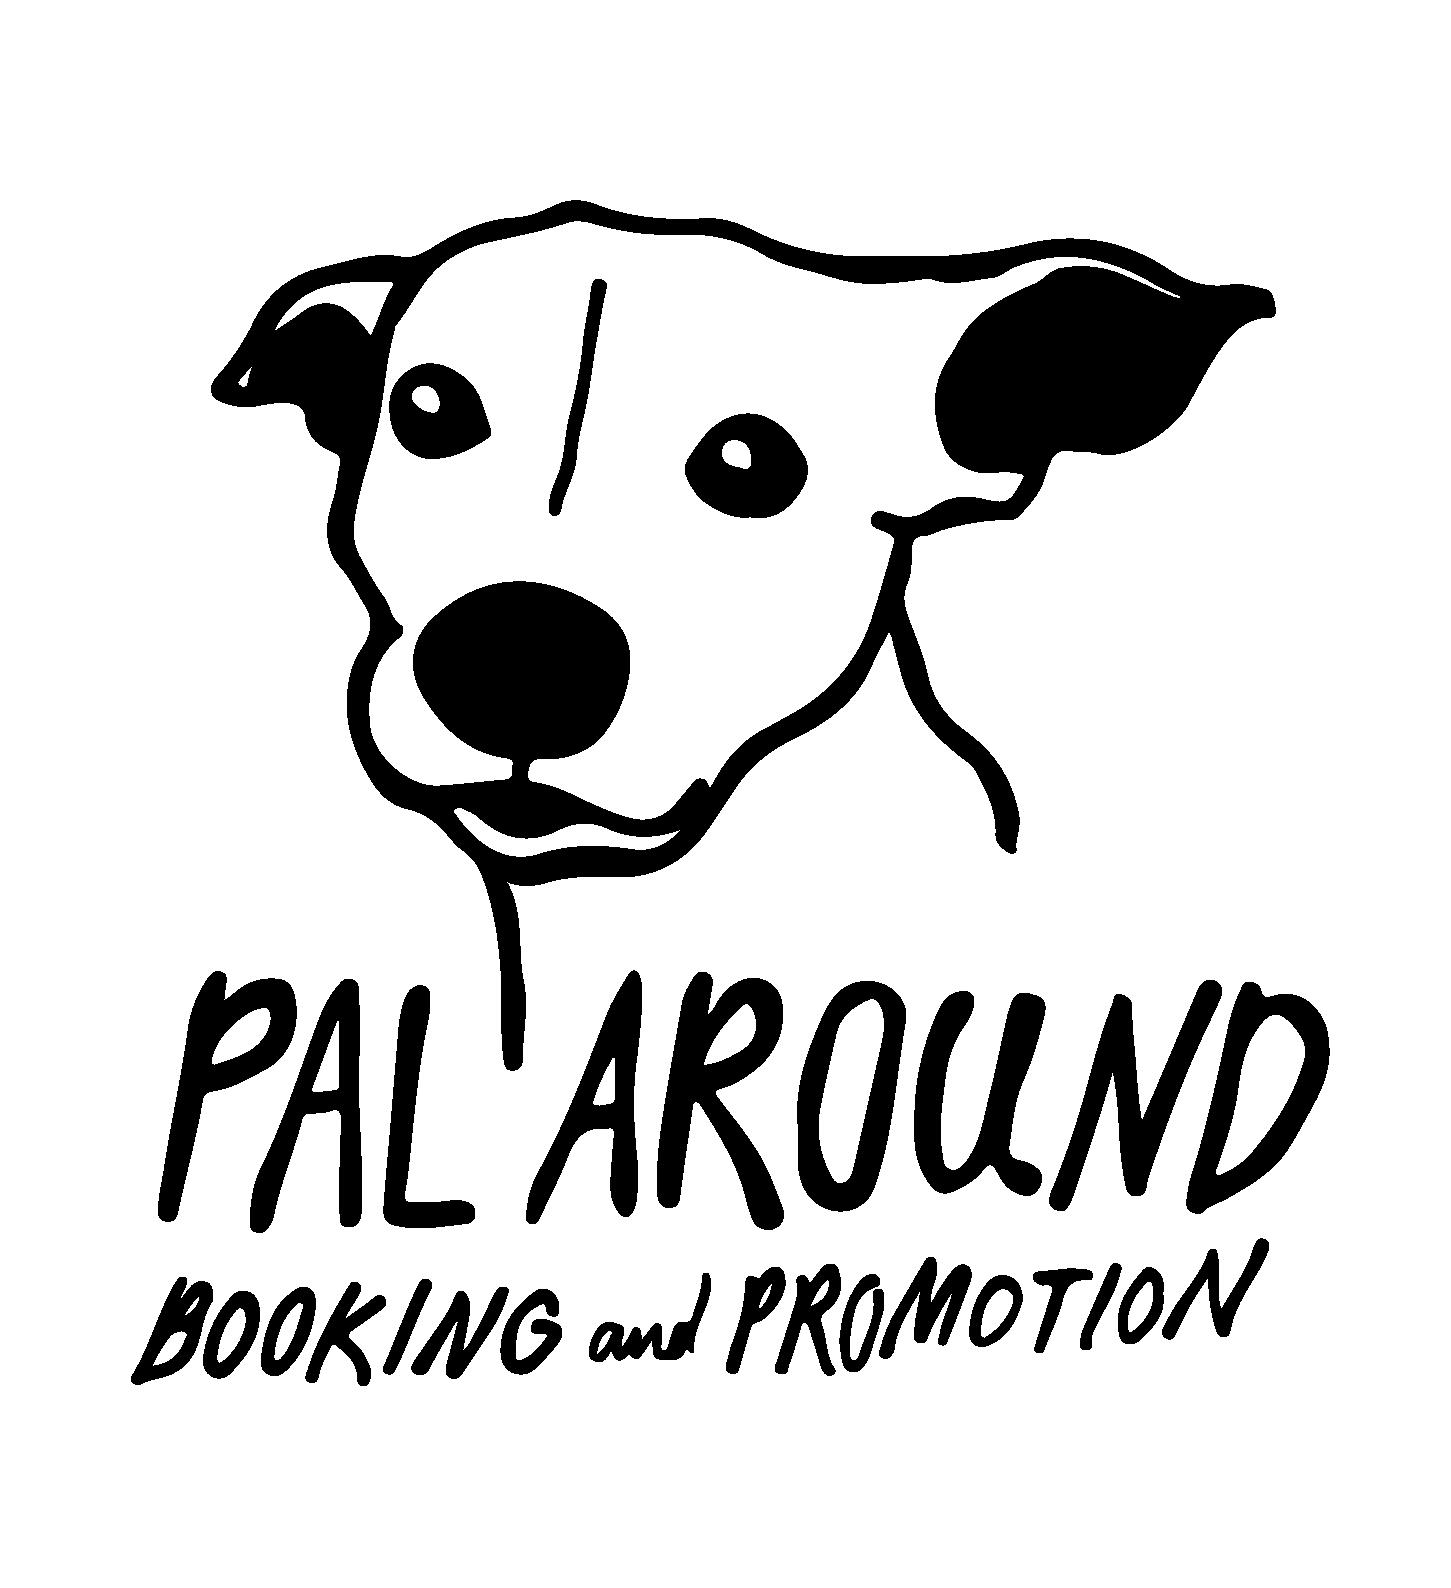 PalAround_logo_transparent-02.png